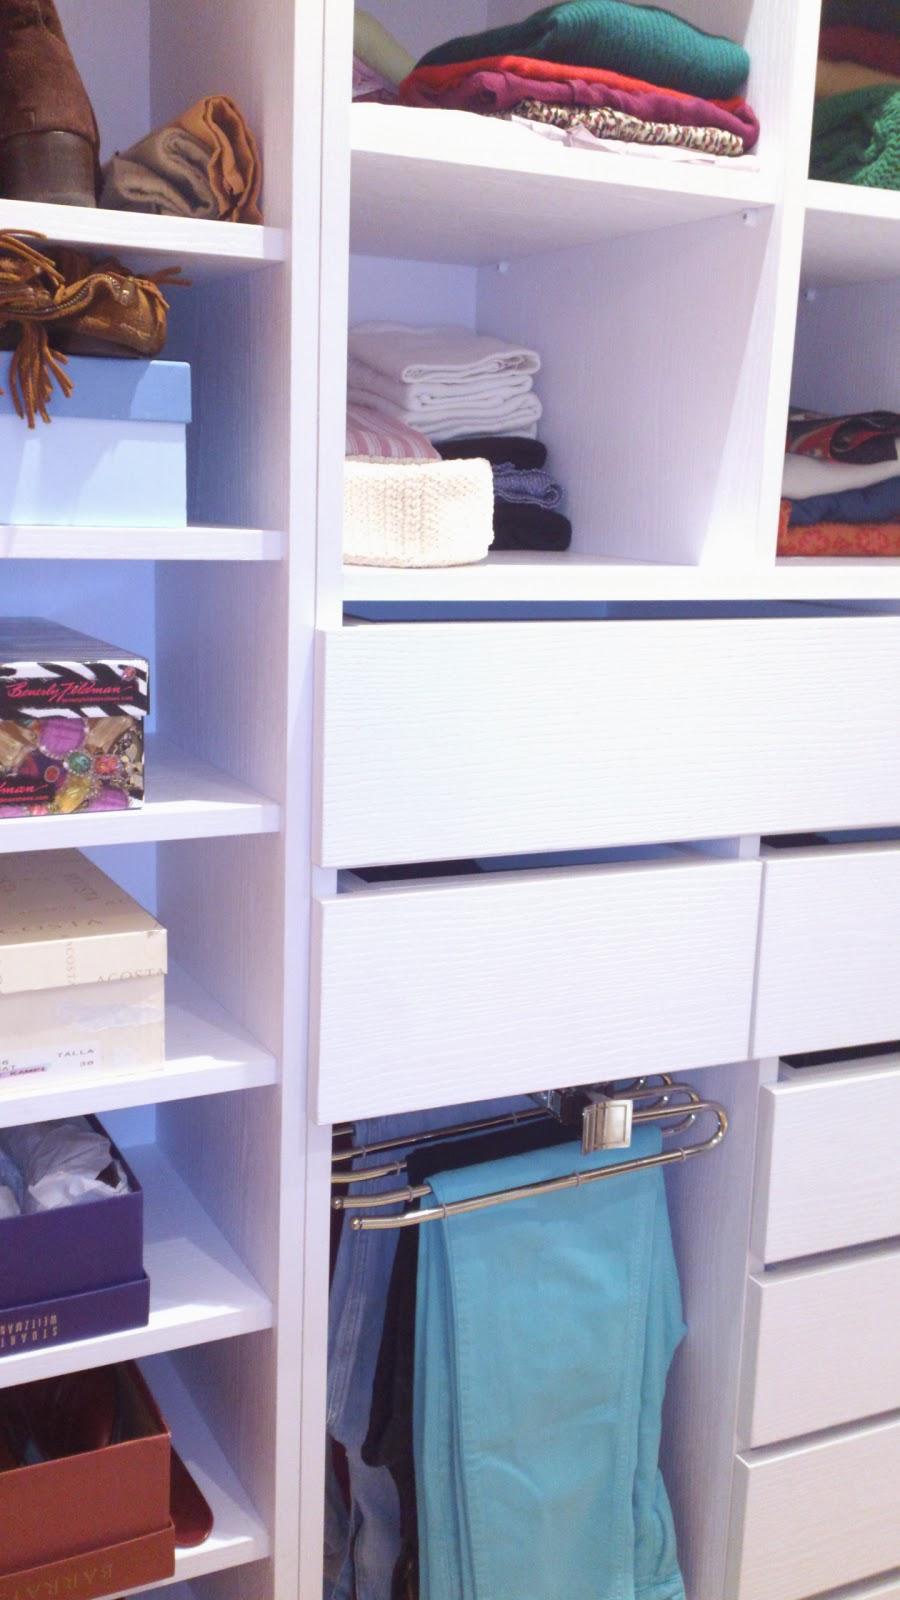 Decoracion Baño Vestidor: Decoracion Lola Torga: un Dormitorio con baño y vestidor integrados